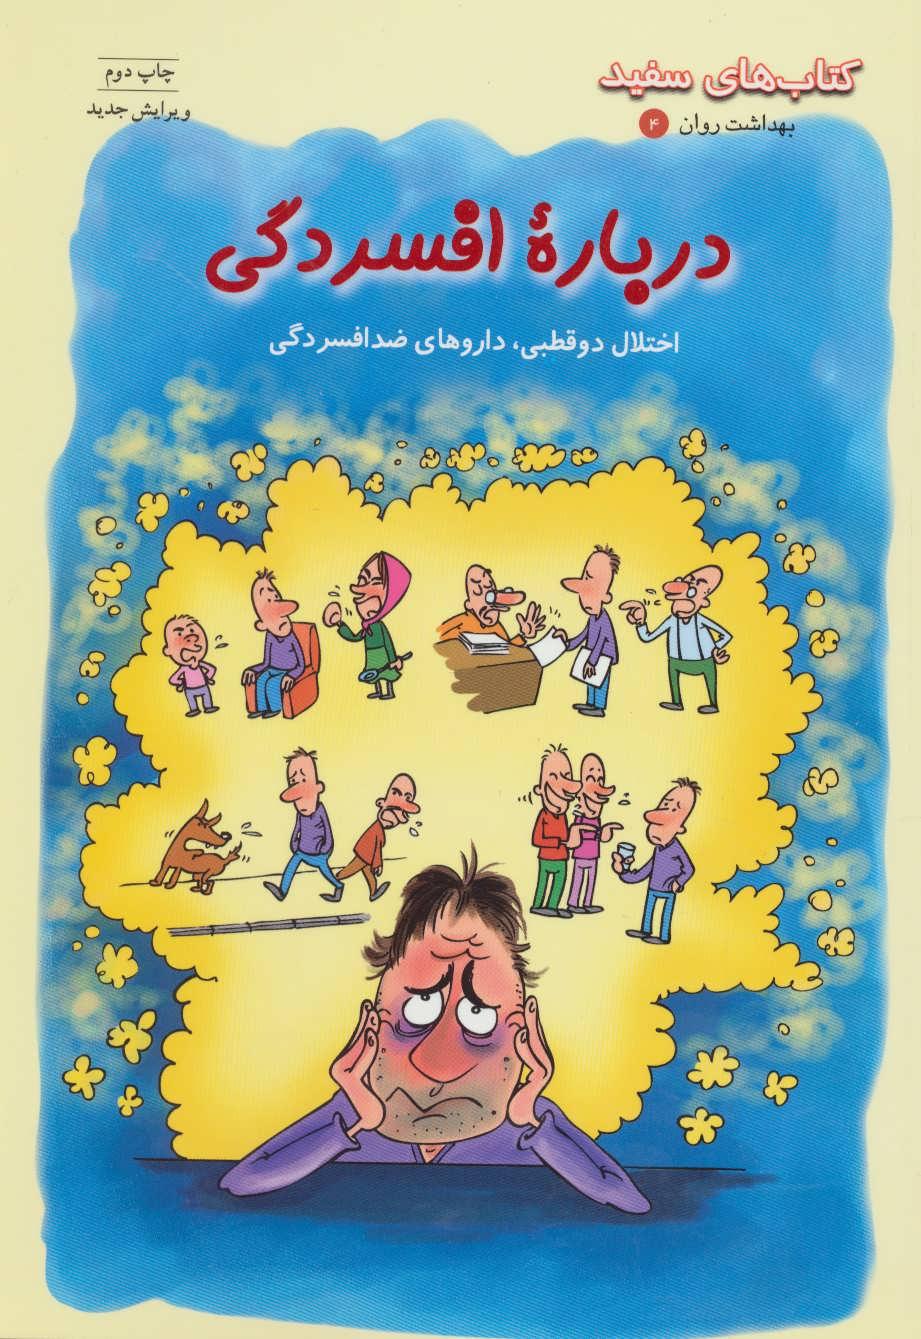 بهداشت روان 4:درباره افسردگی (اختلال دو قطبی،داروهای ضد افسردگی)،(کتاب های سفید)